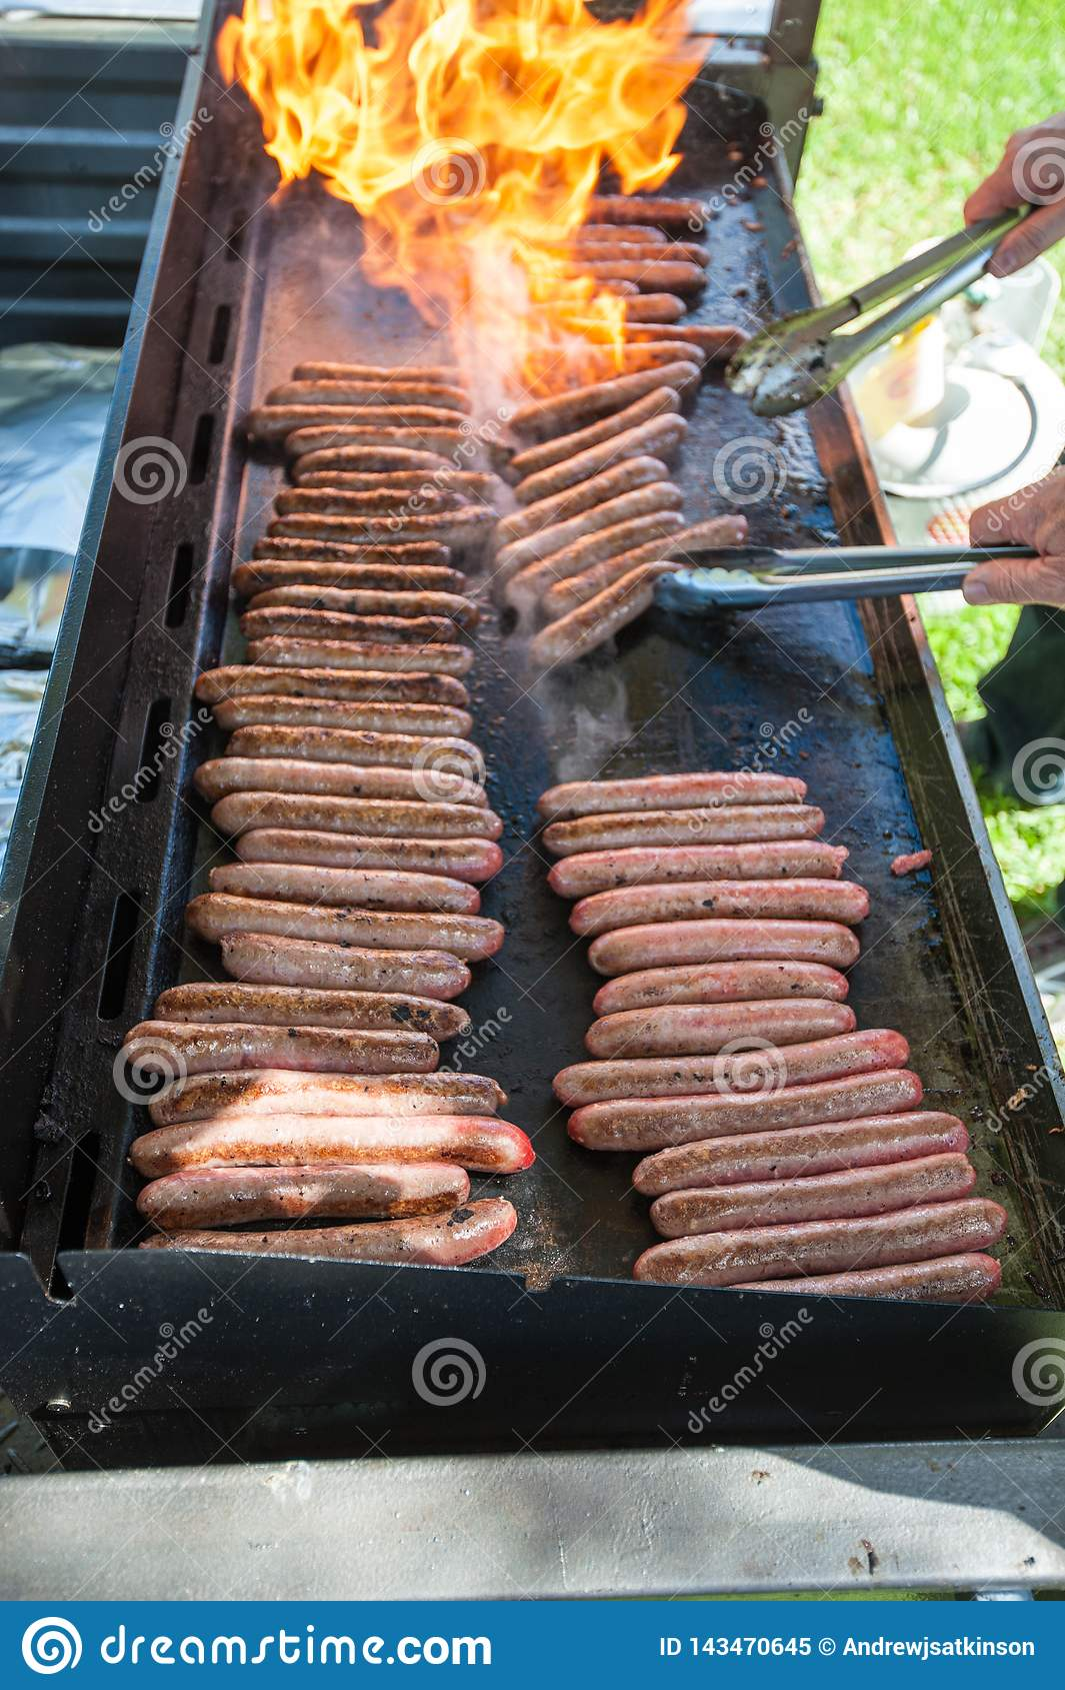 De worsten van de vlamgrill op een barbecue